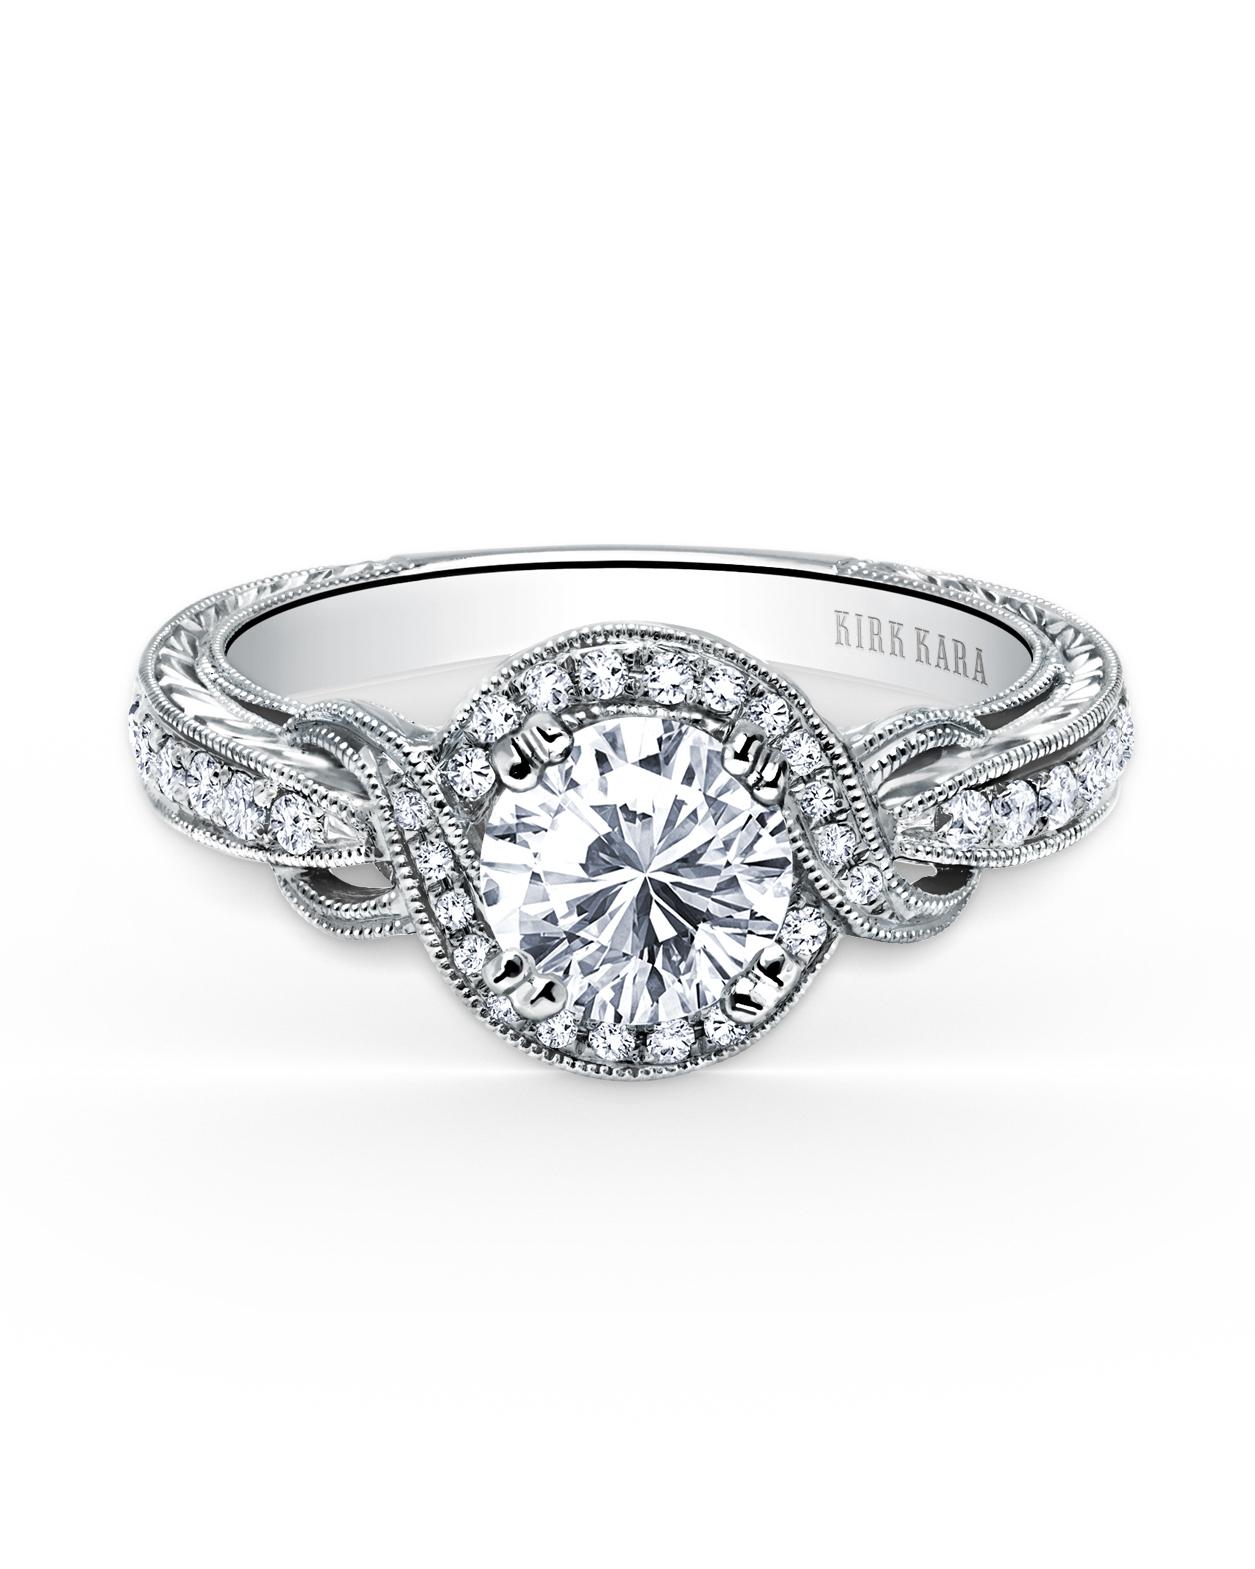 kirk-kara-white-gold-round-cut-engagement-ring-two-0816.jpg